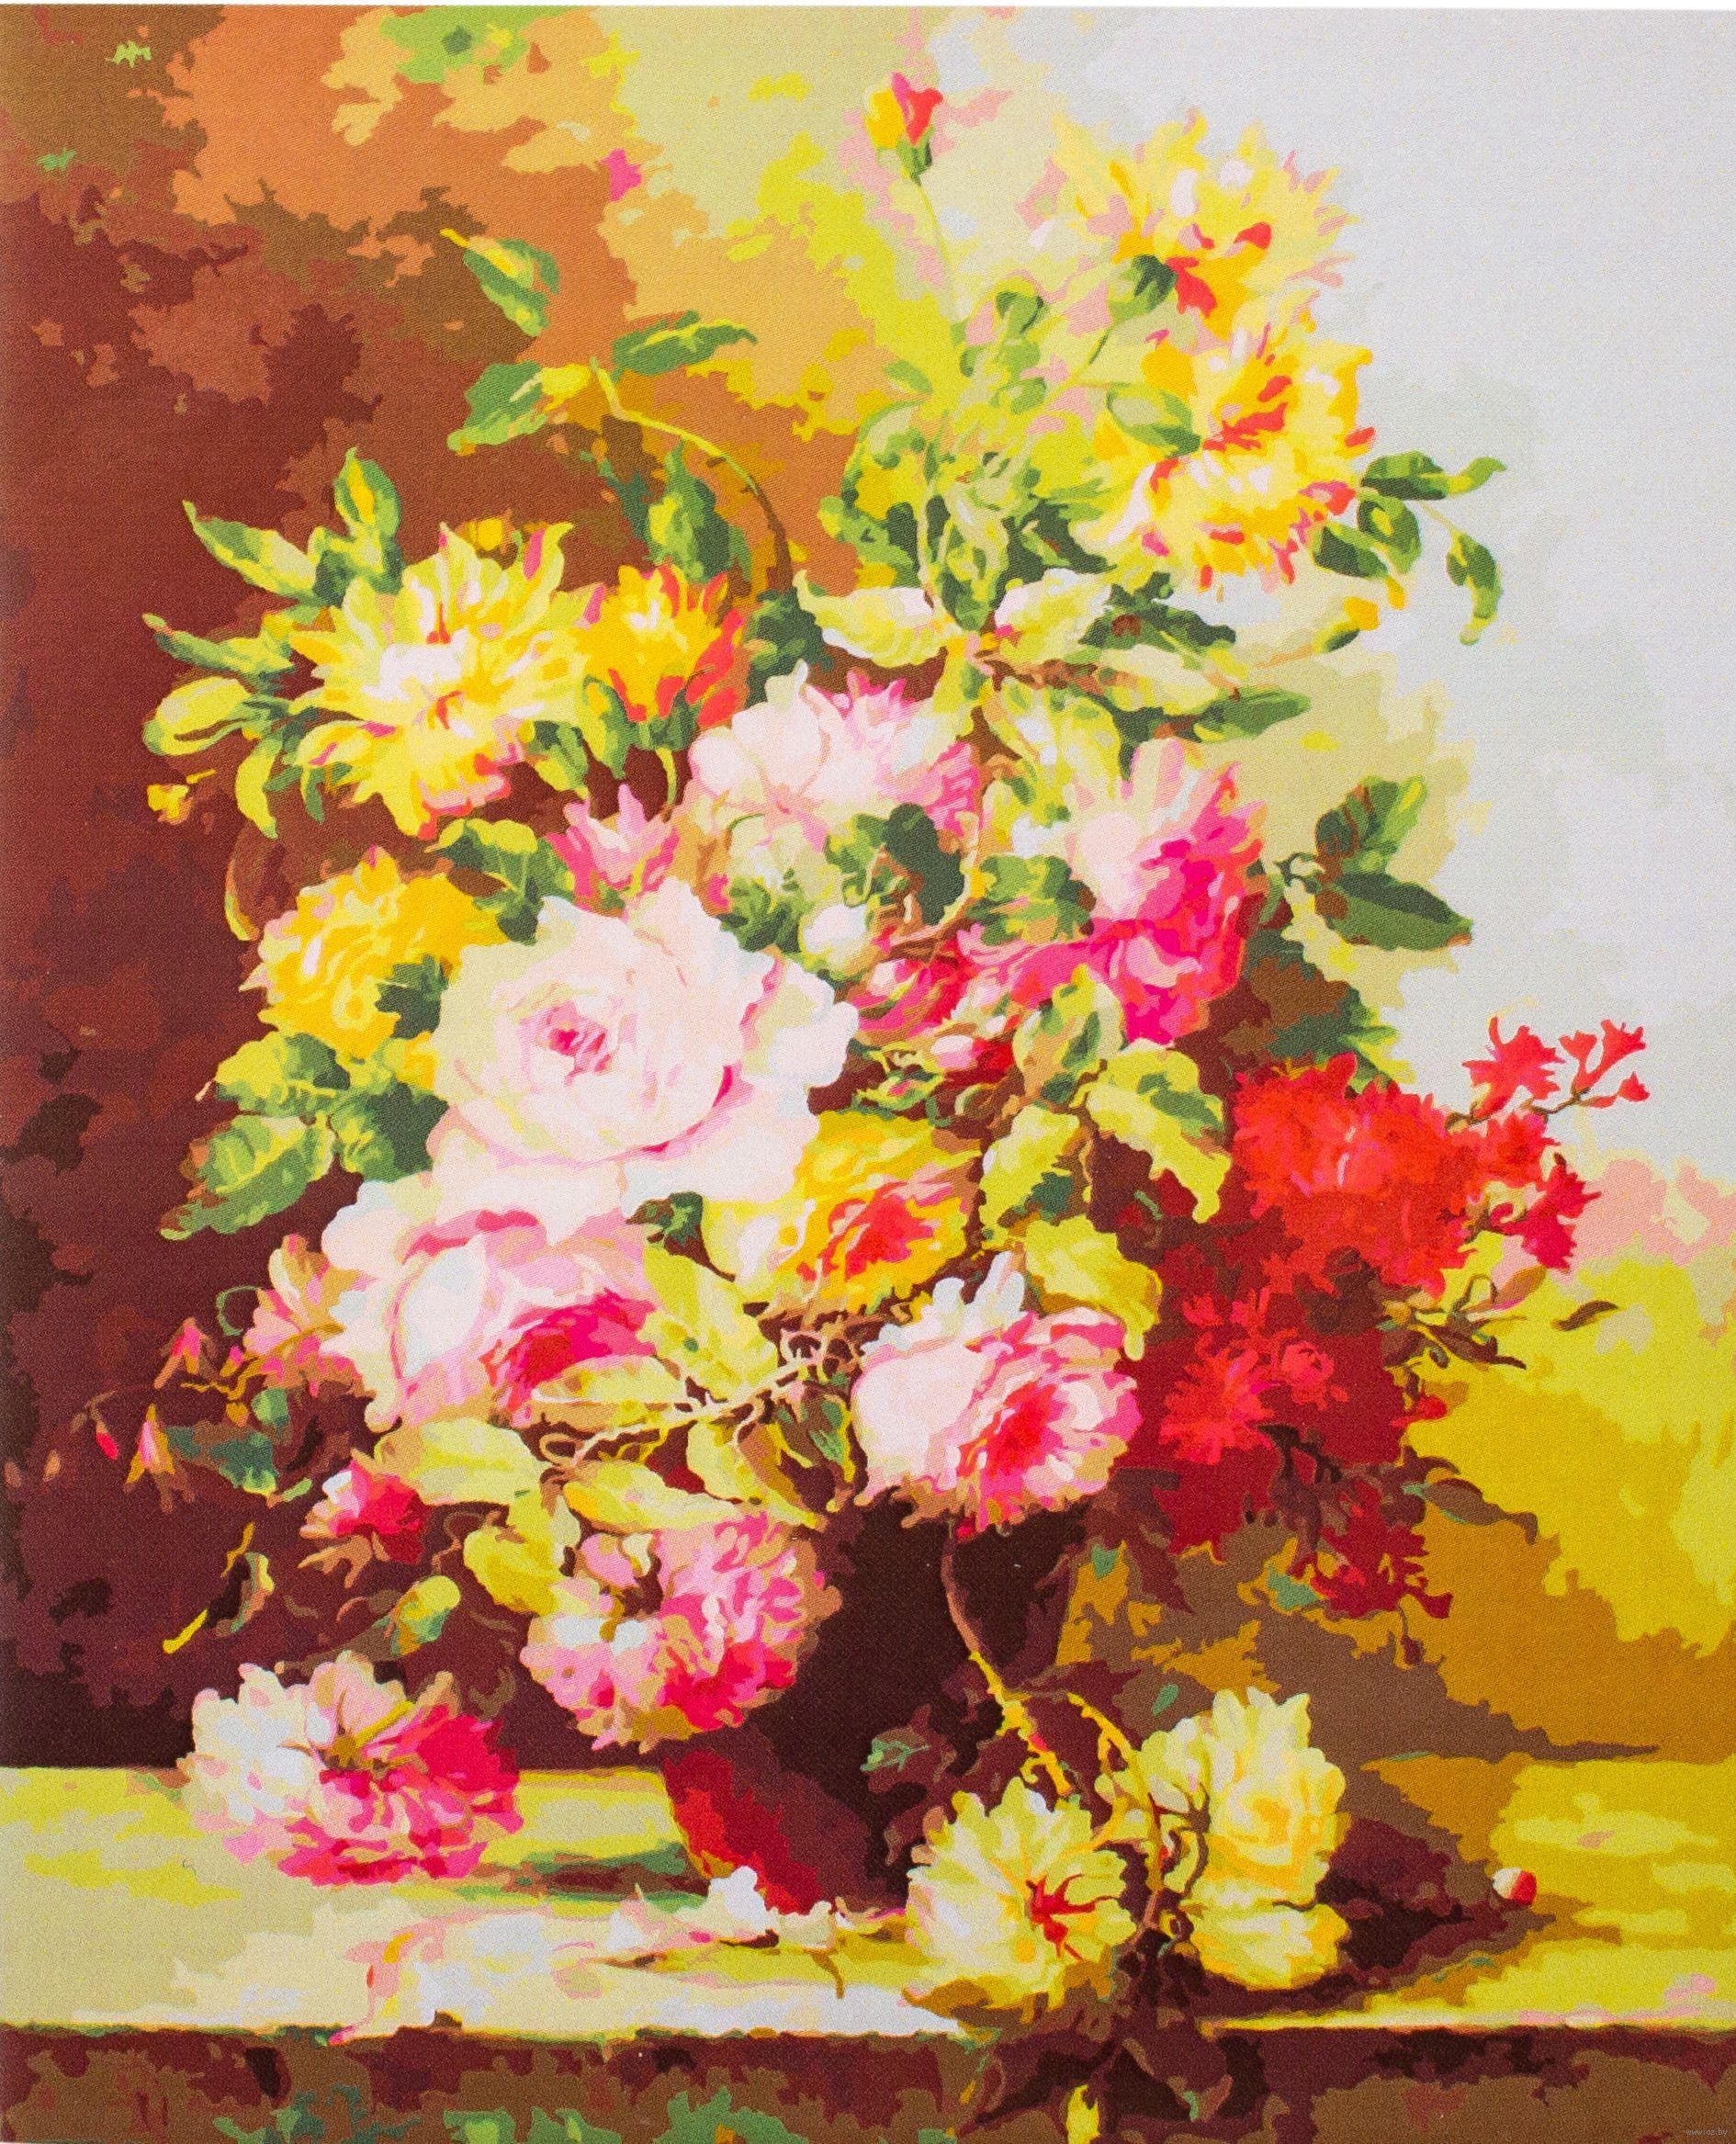 Зимний букет купить минск, оптовые базы москвы цветов круглосуточно